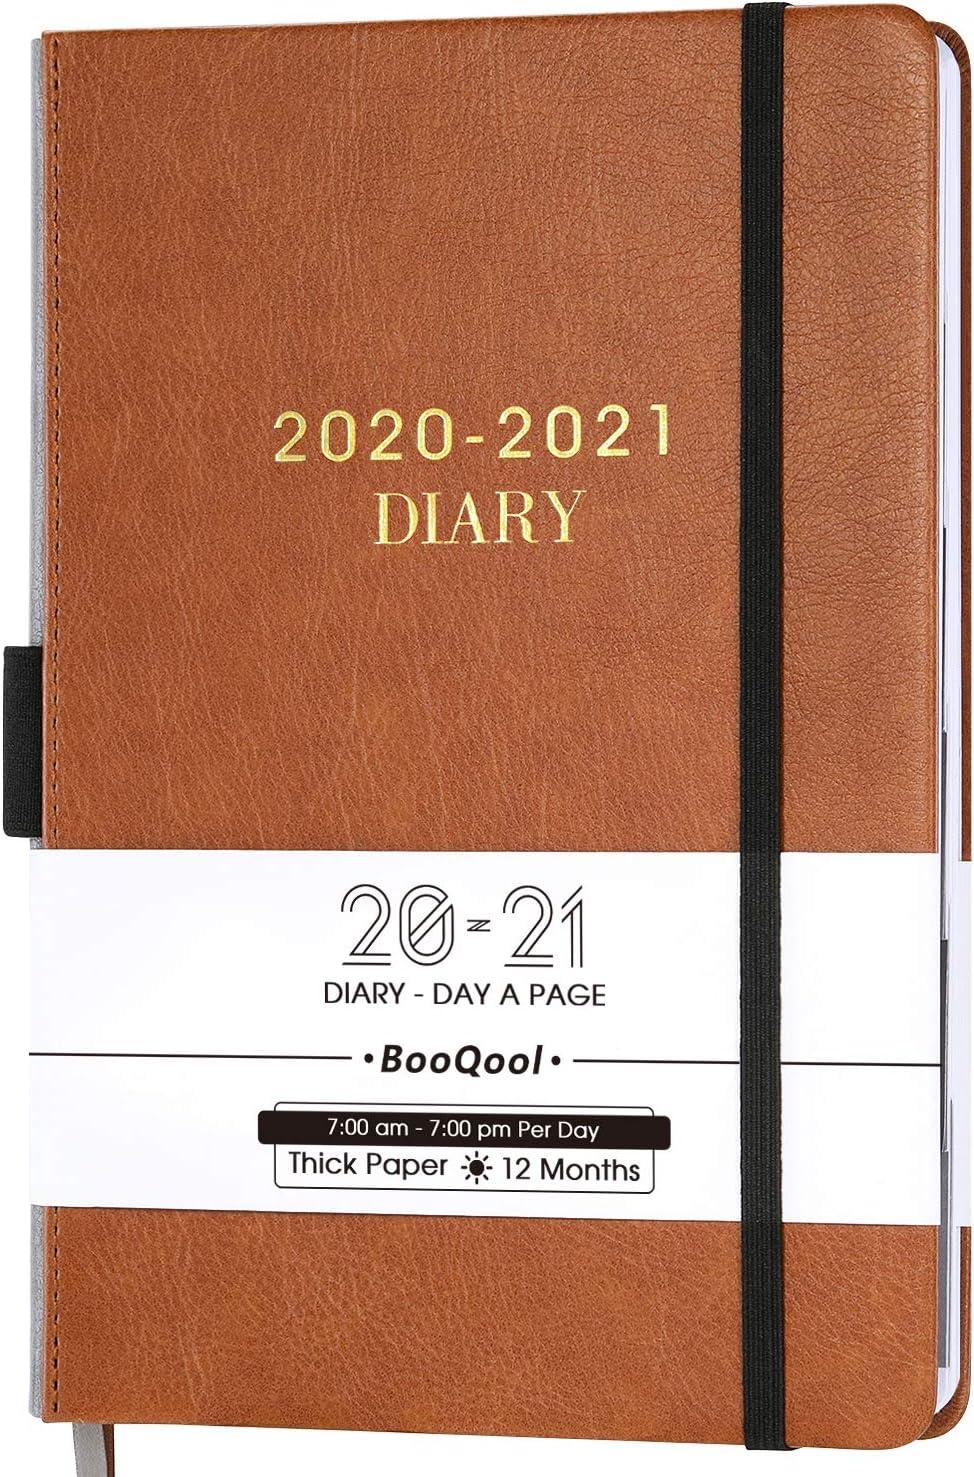 Agenda 2020-2021 - Planificador Diario de Productividad de Enero desde Julio de 2020 Hasta Junio de 2021, con Pestañas Mensuales, Bolsillo Interior, con Banda, 14,3 x 21 cm